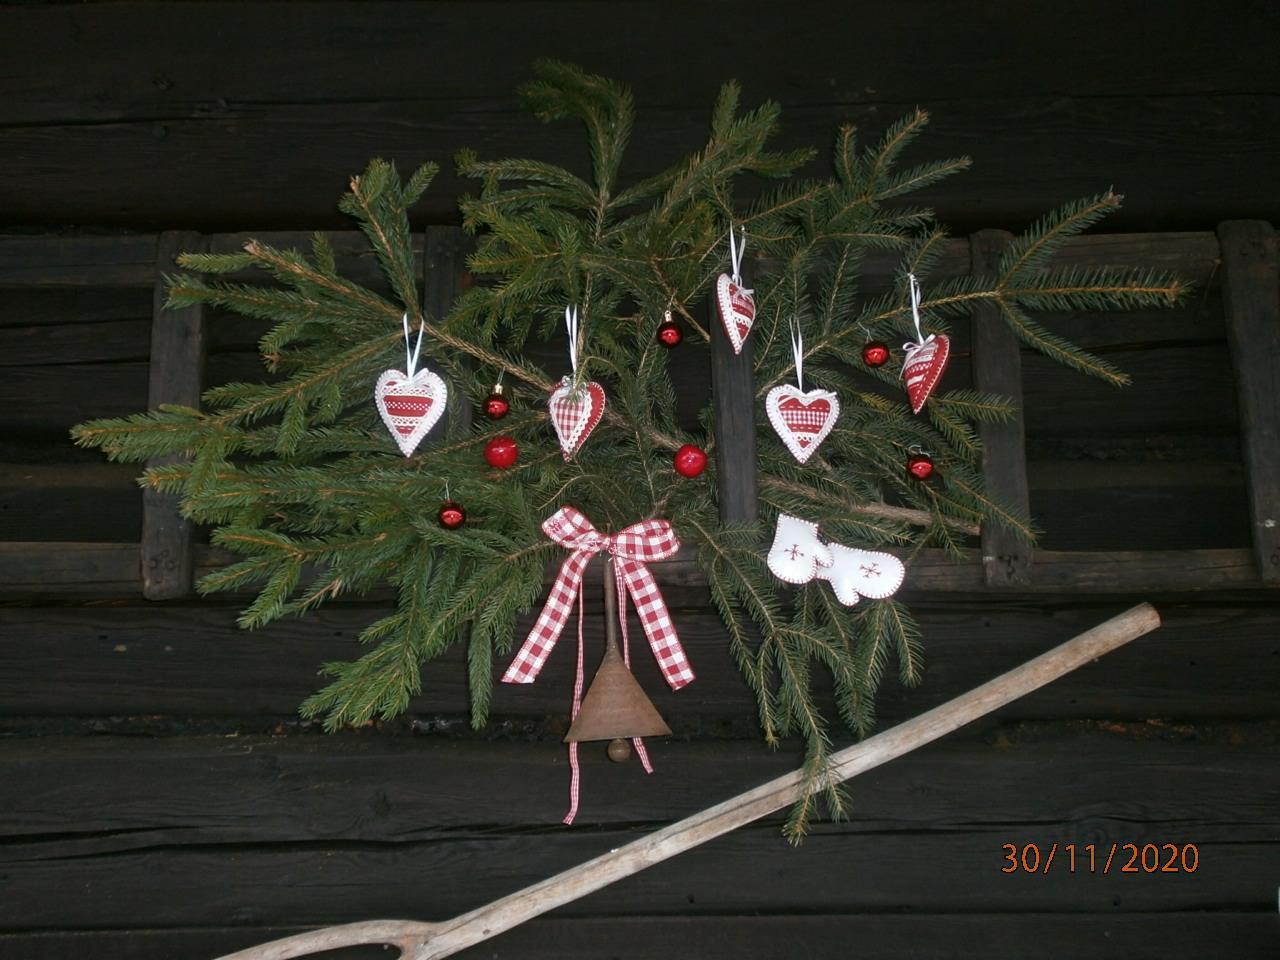 Vianocna vyzdoba a vianocne dekoracie 2020 - Obrázok č. 15